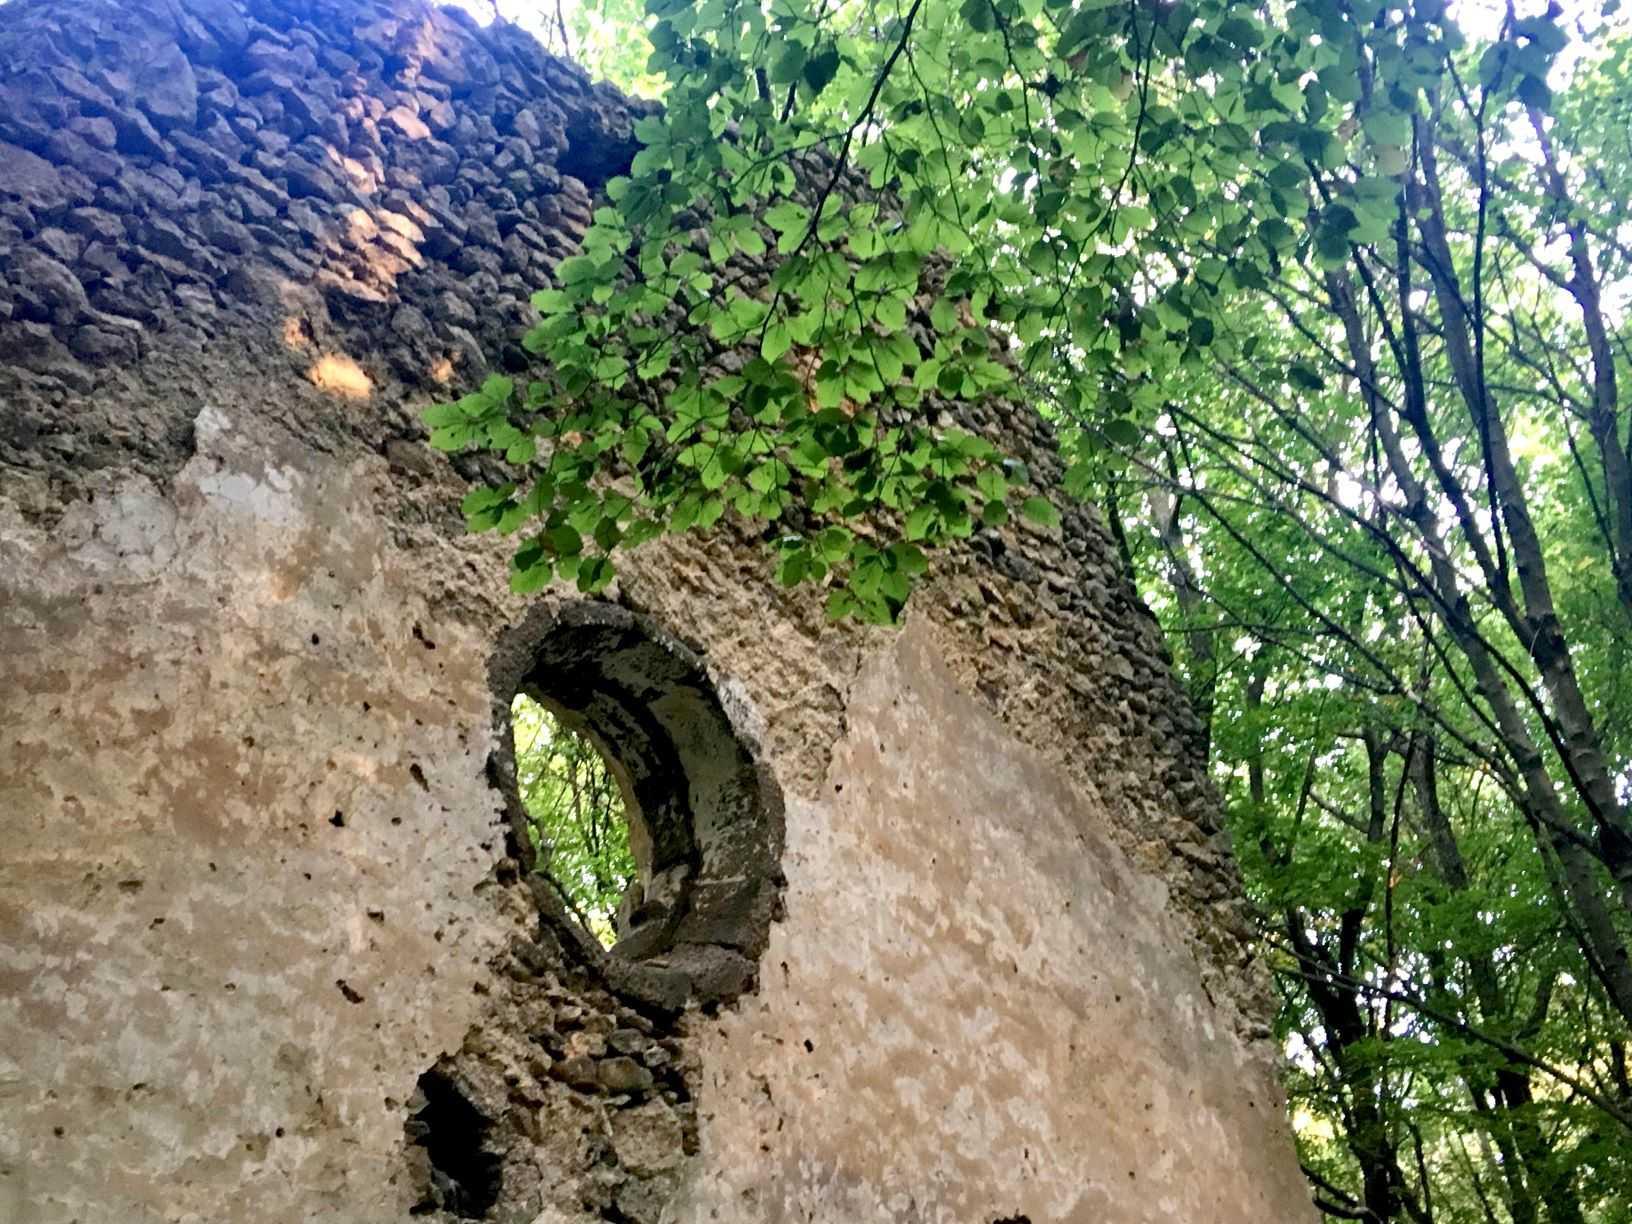 Tálod monastery ruins